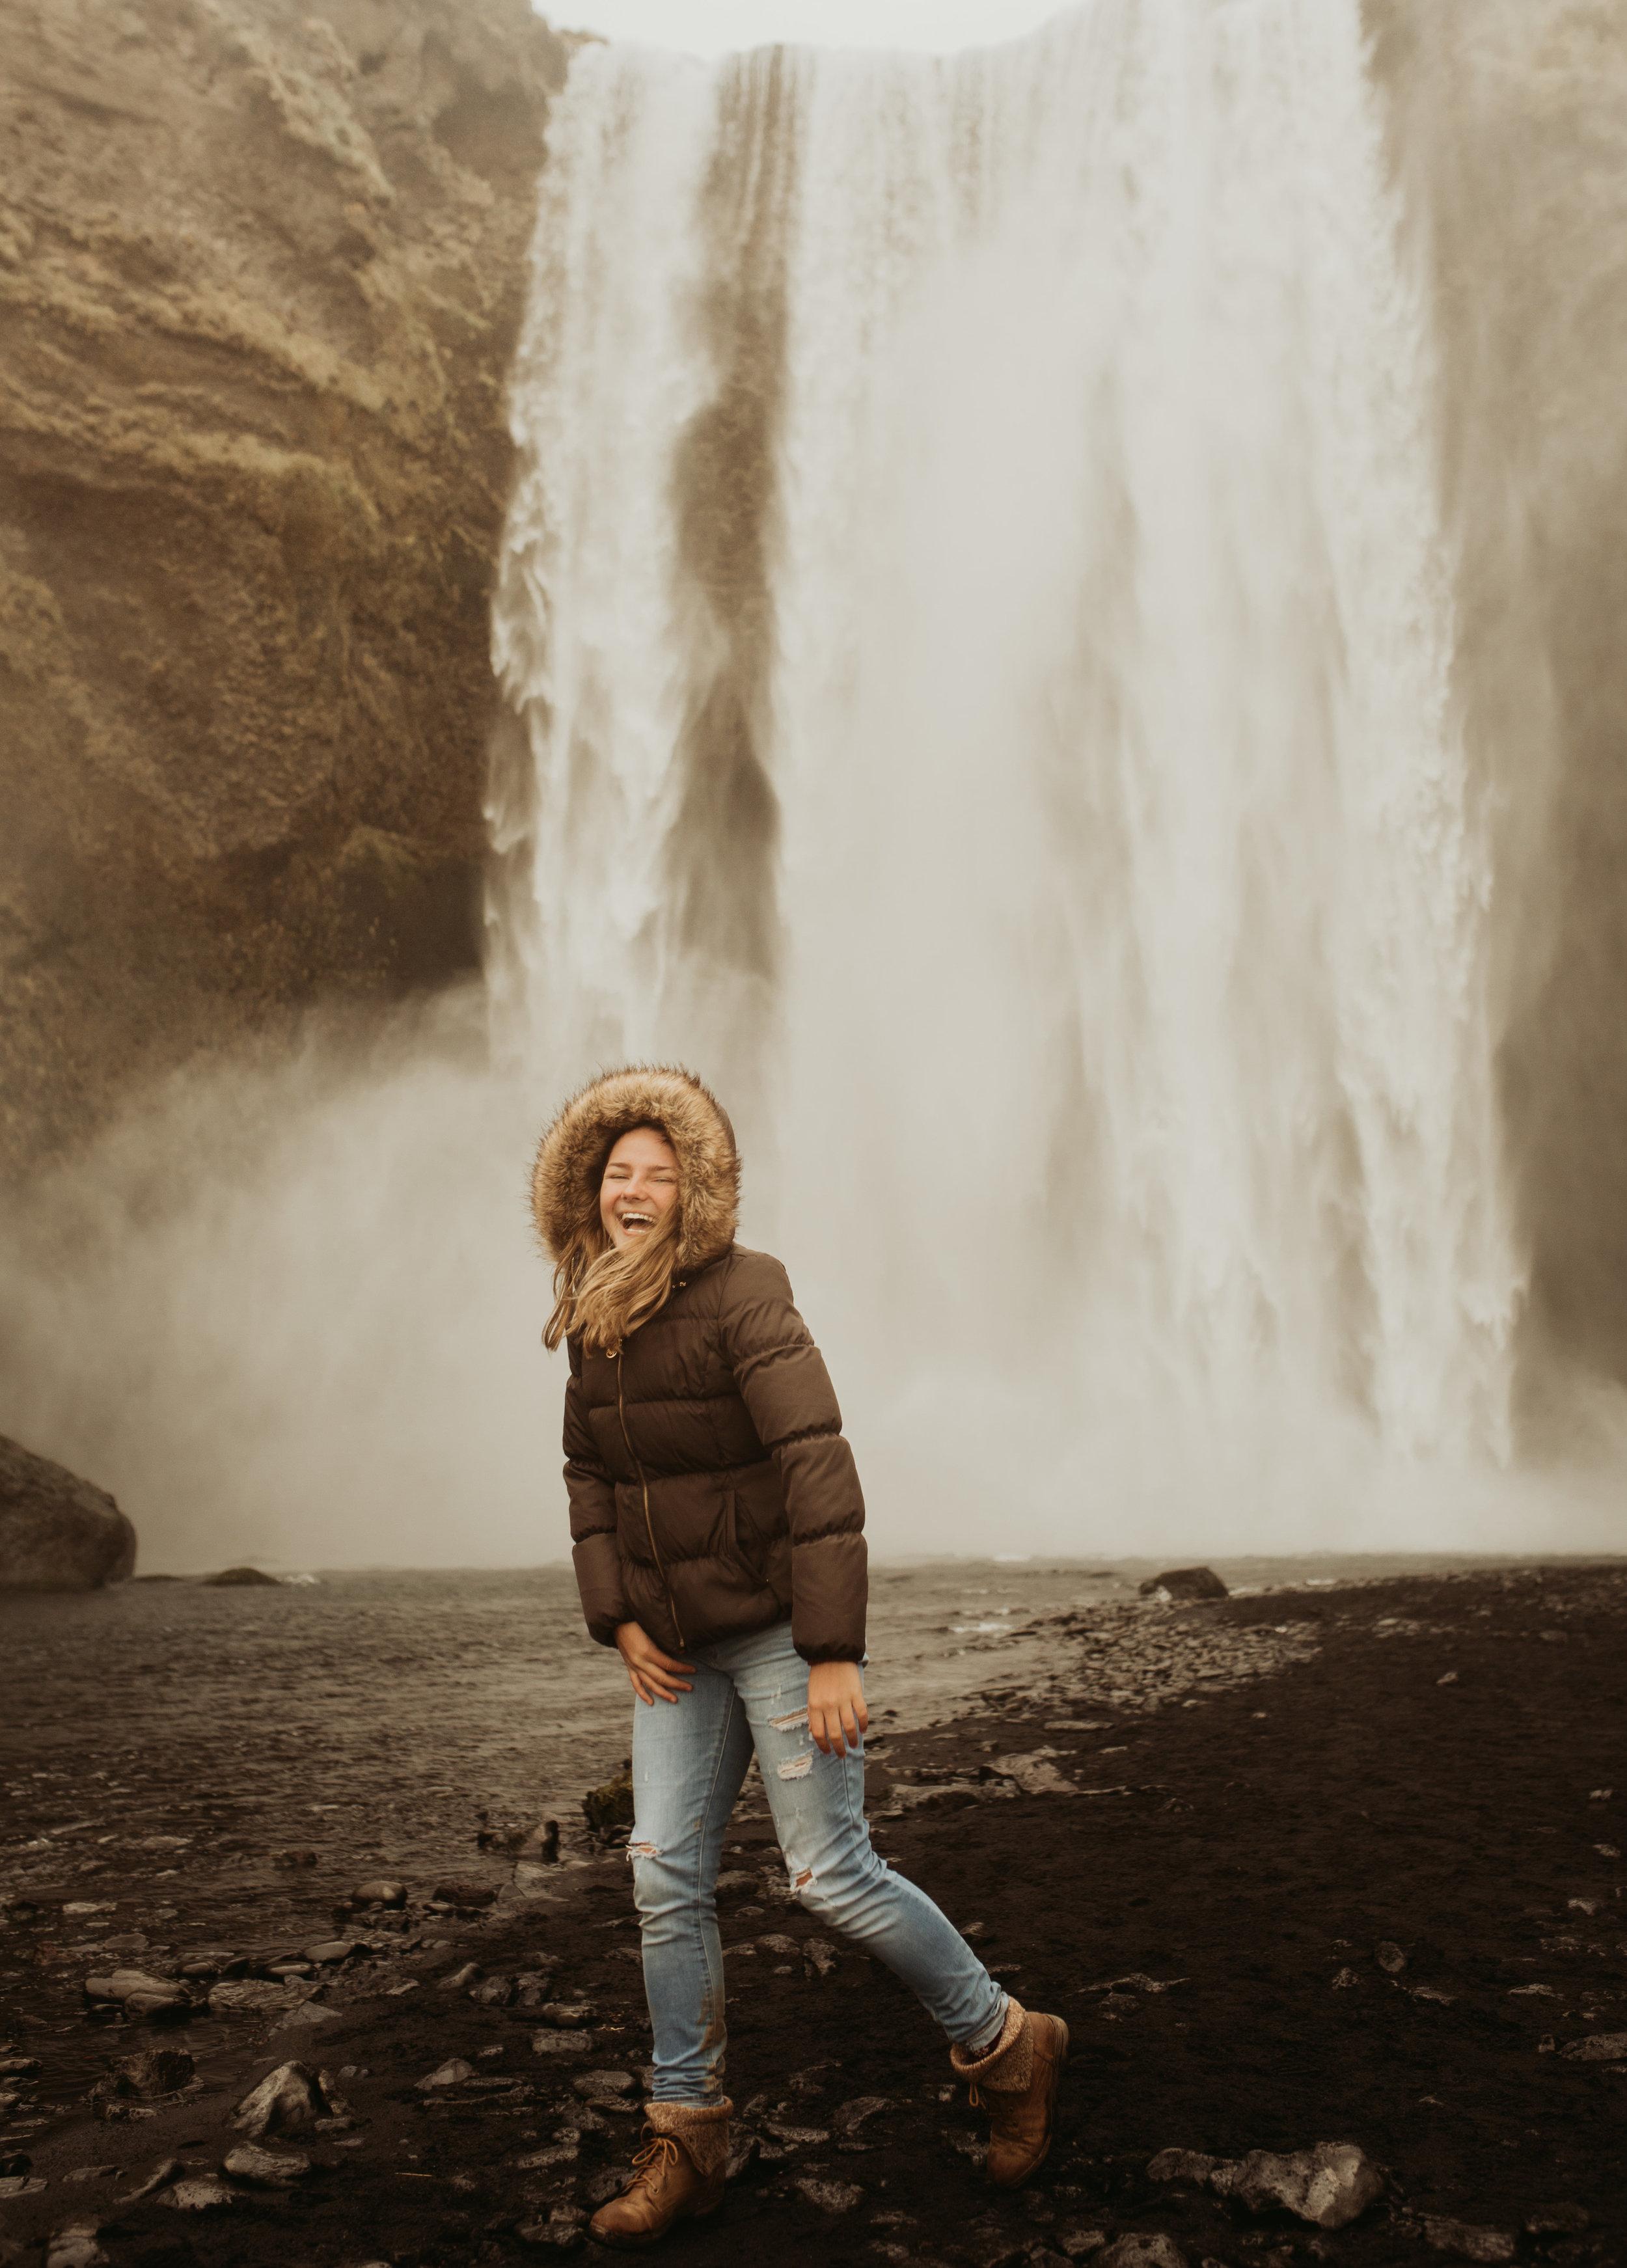 iceland-travel-tips-blog17.jpg